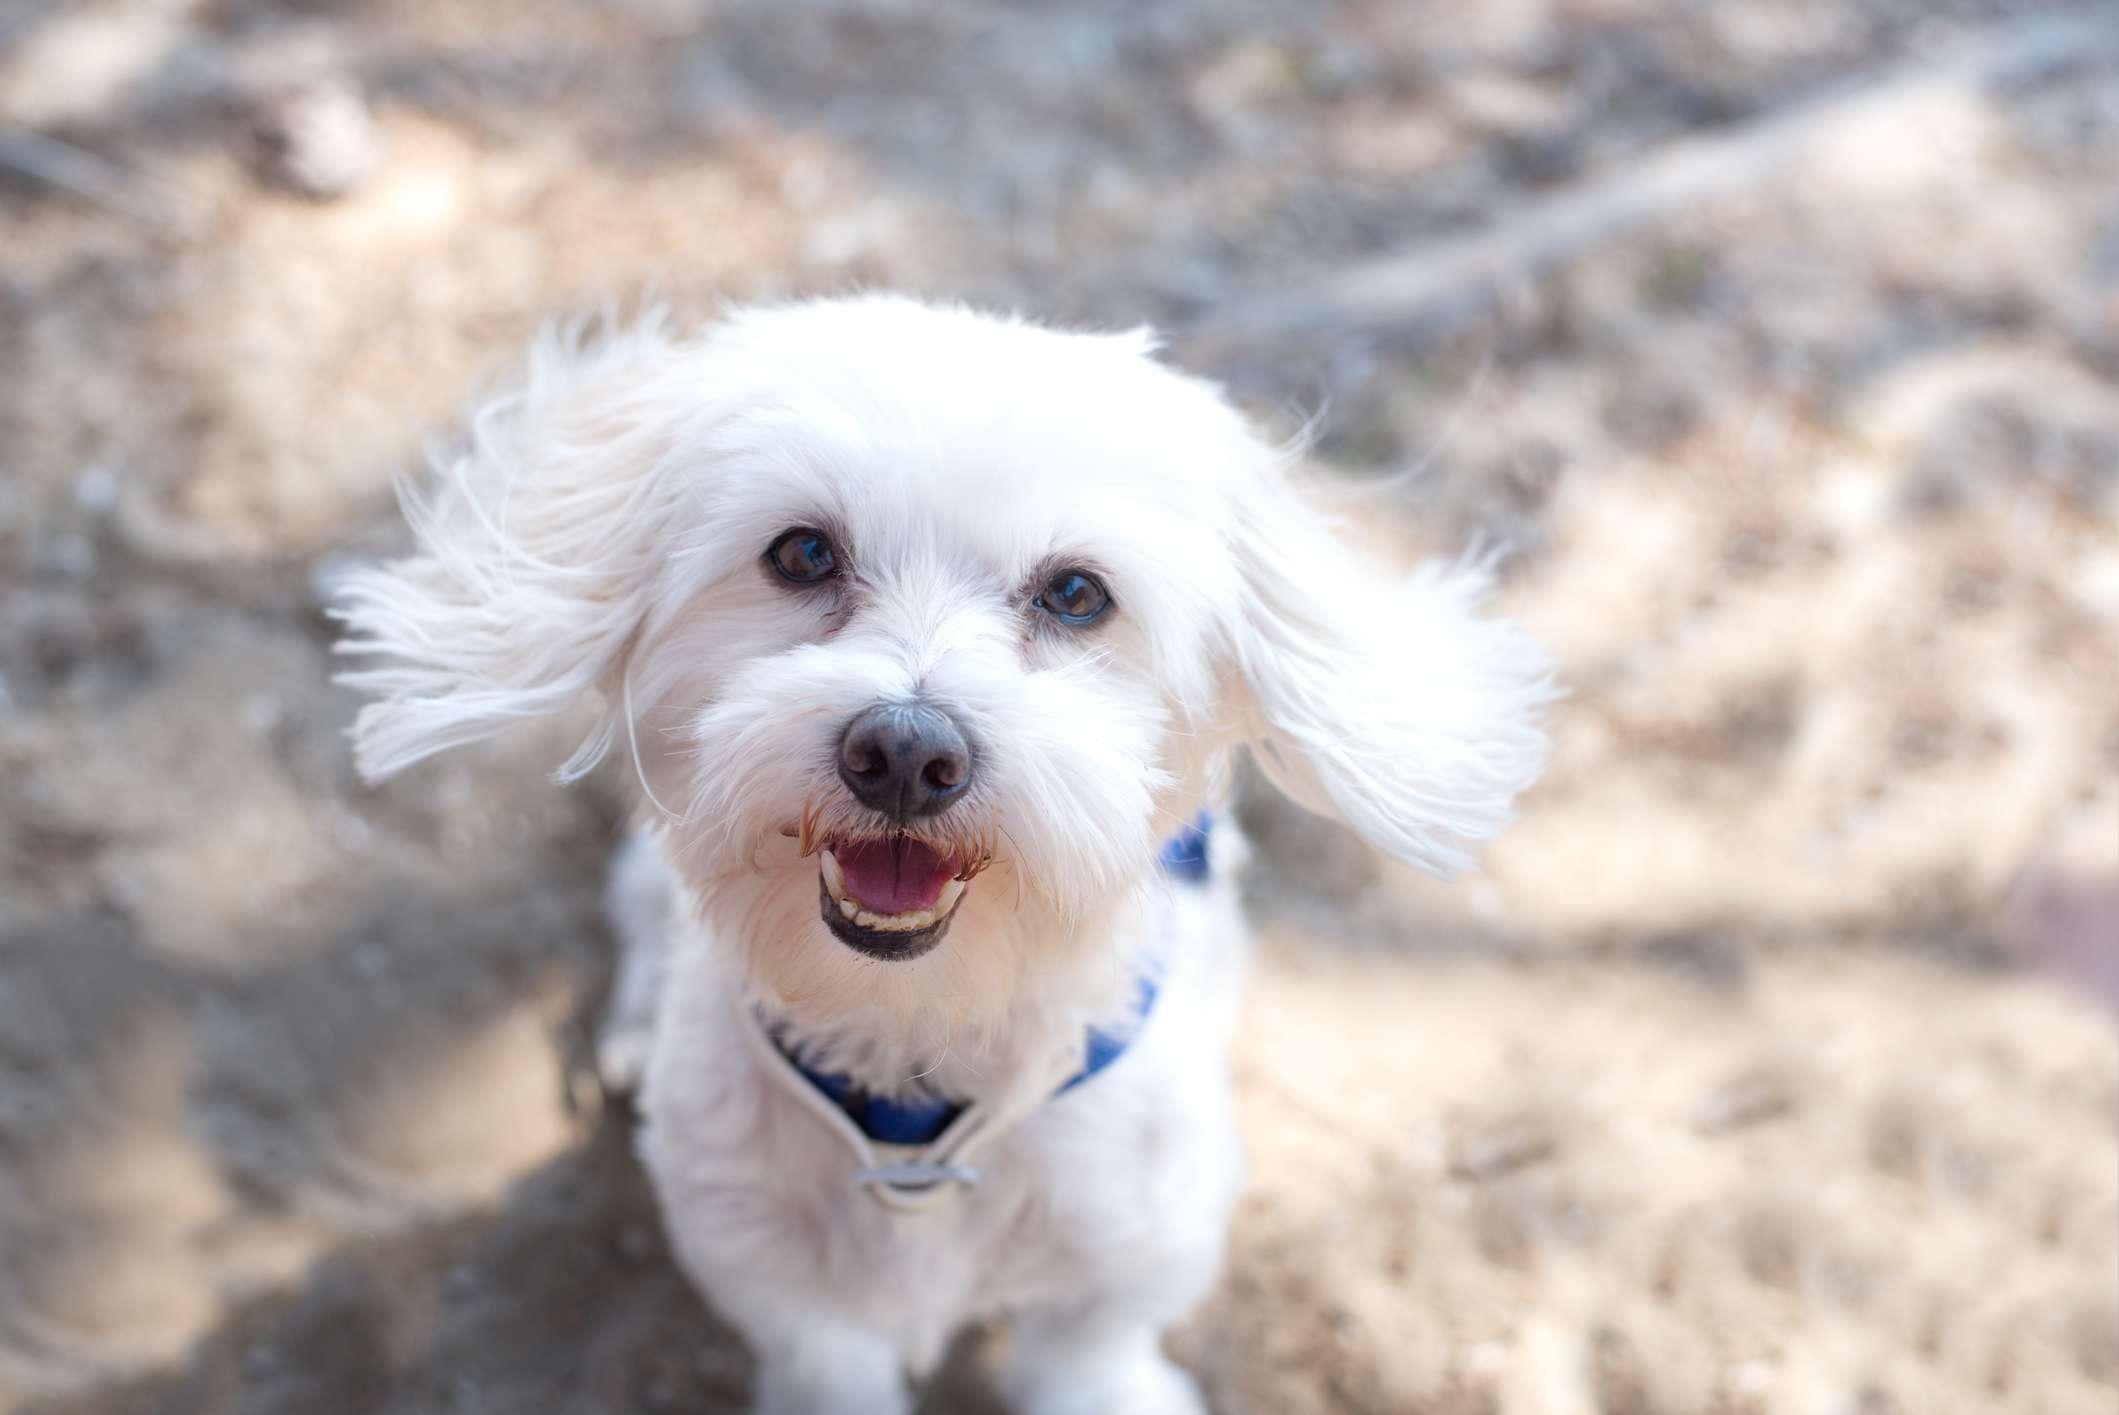 Maltese Dog on the beach.